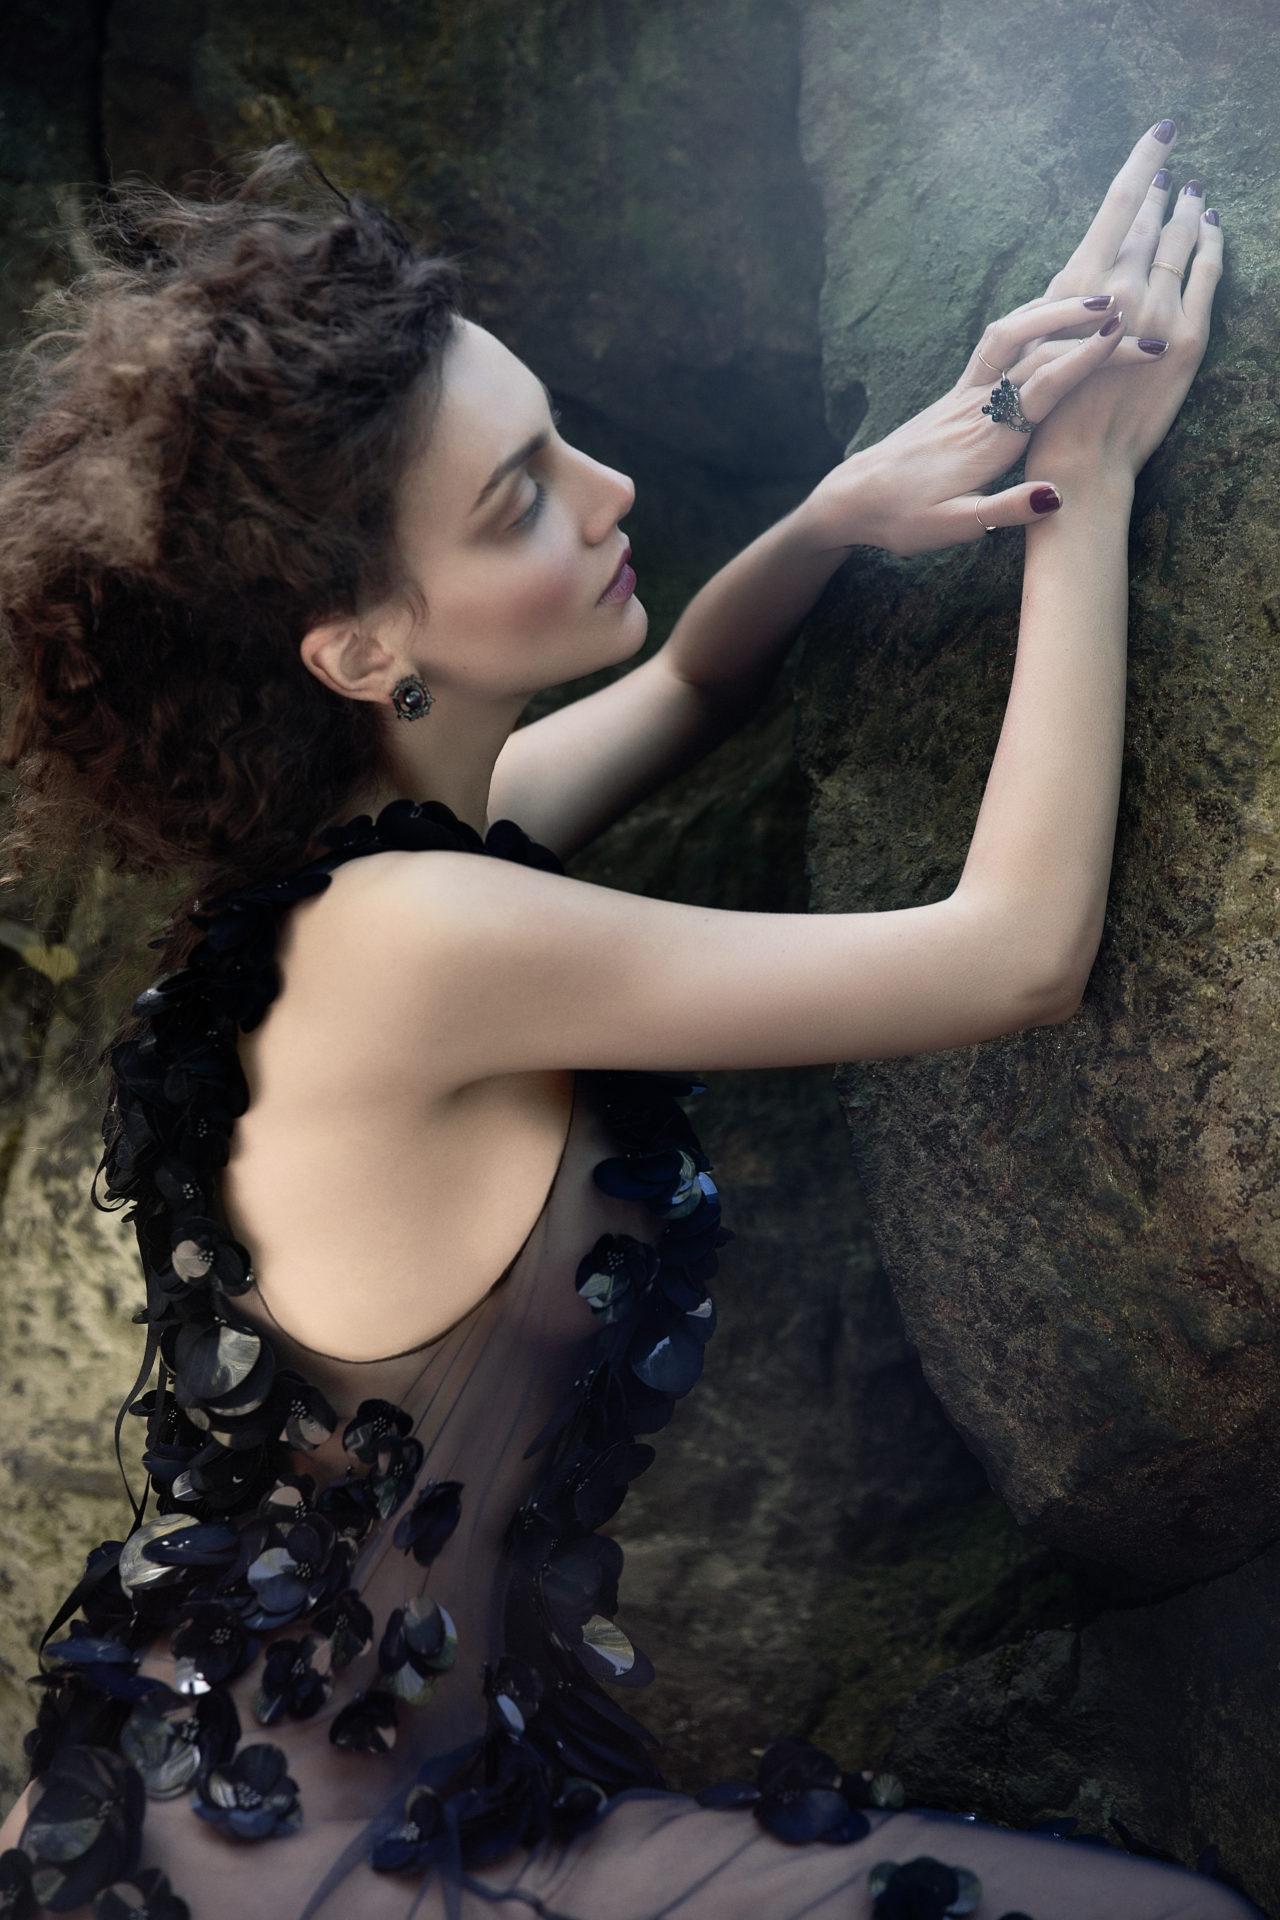 Dress - Bill Blass. Rings, earrings - Solomeina.